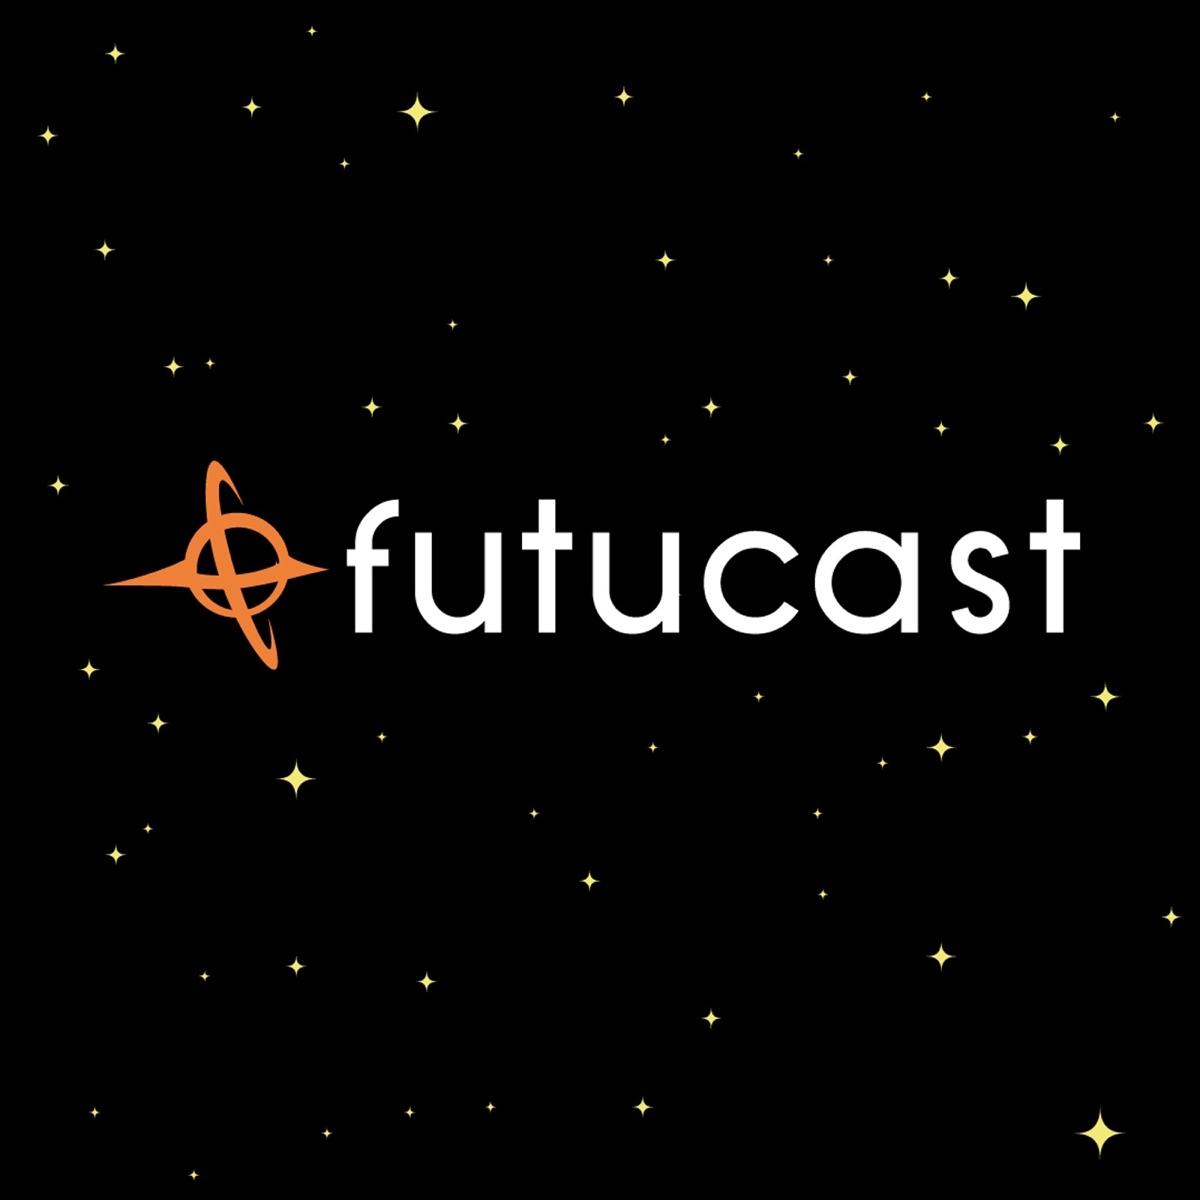 Futucast